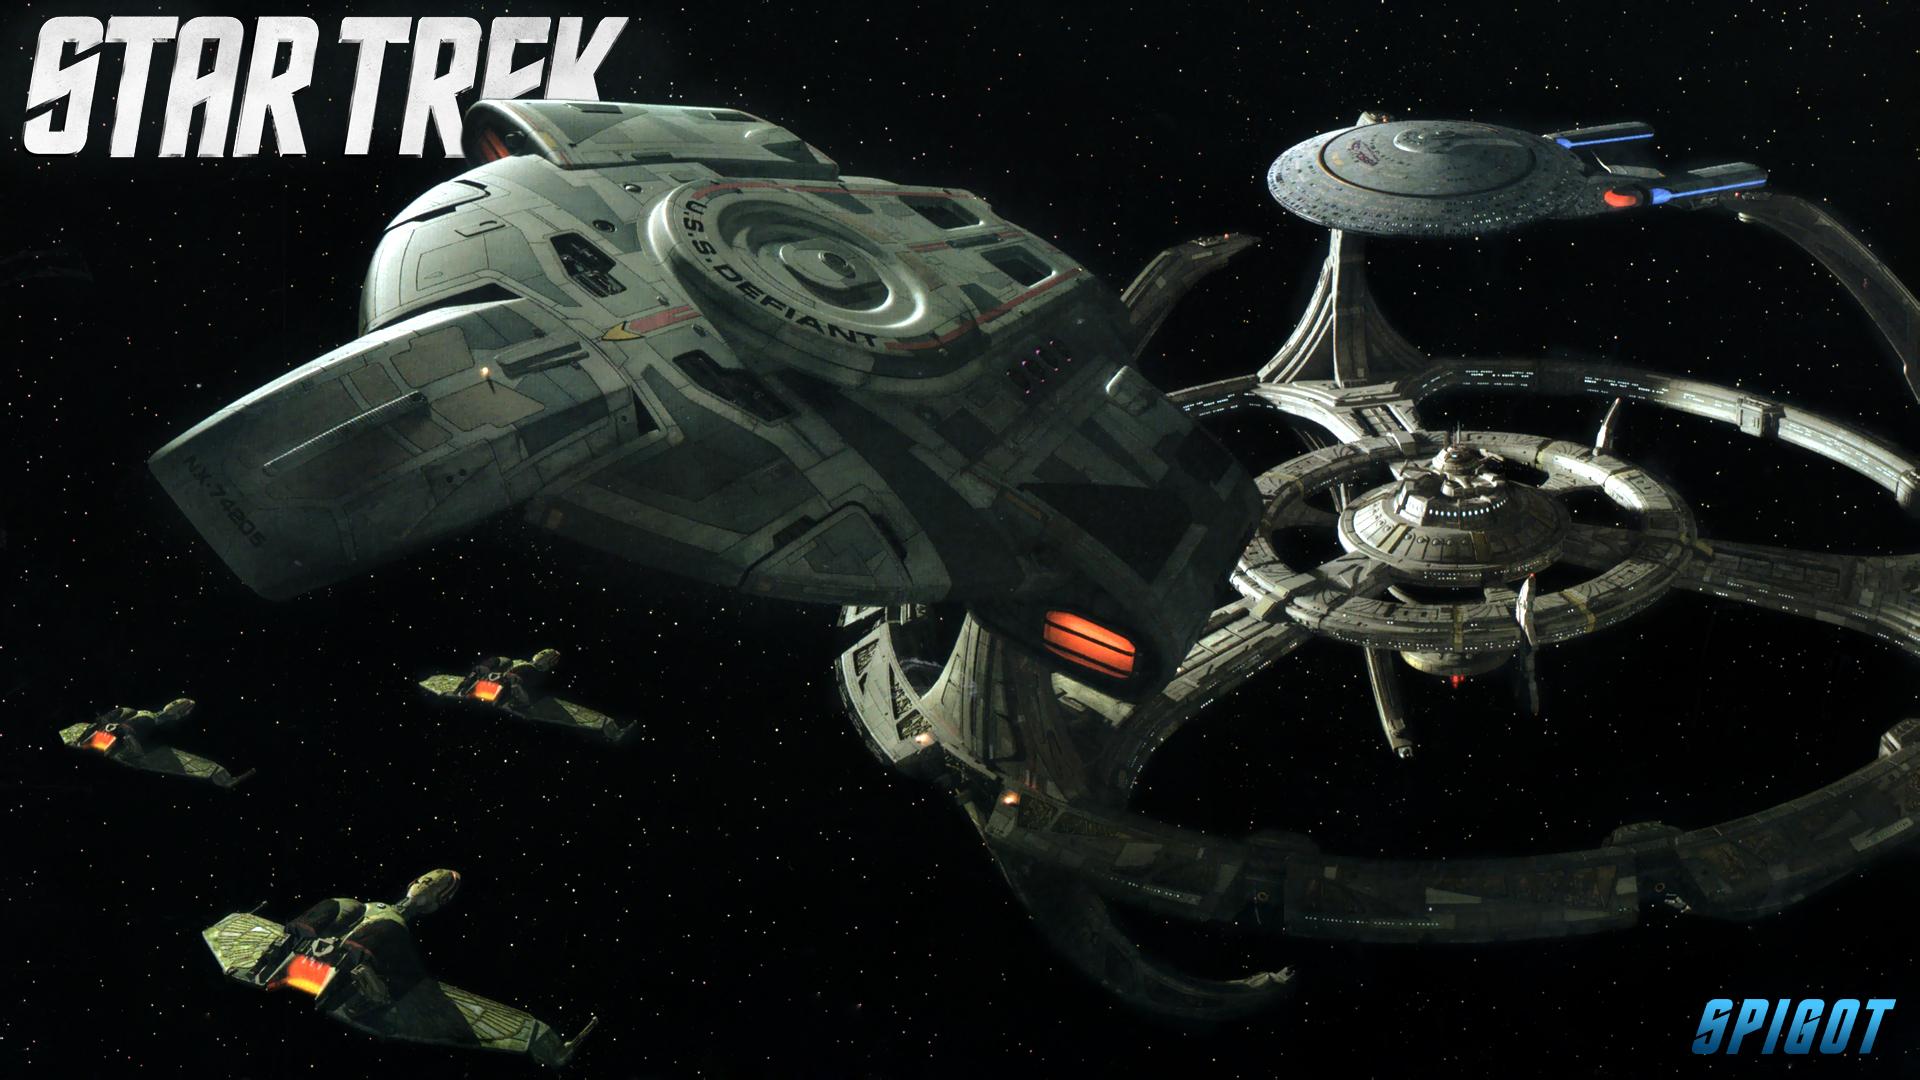 Star Trek Ships Wallpapers George Spigots Blog 1920x1080